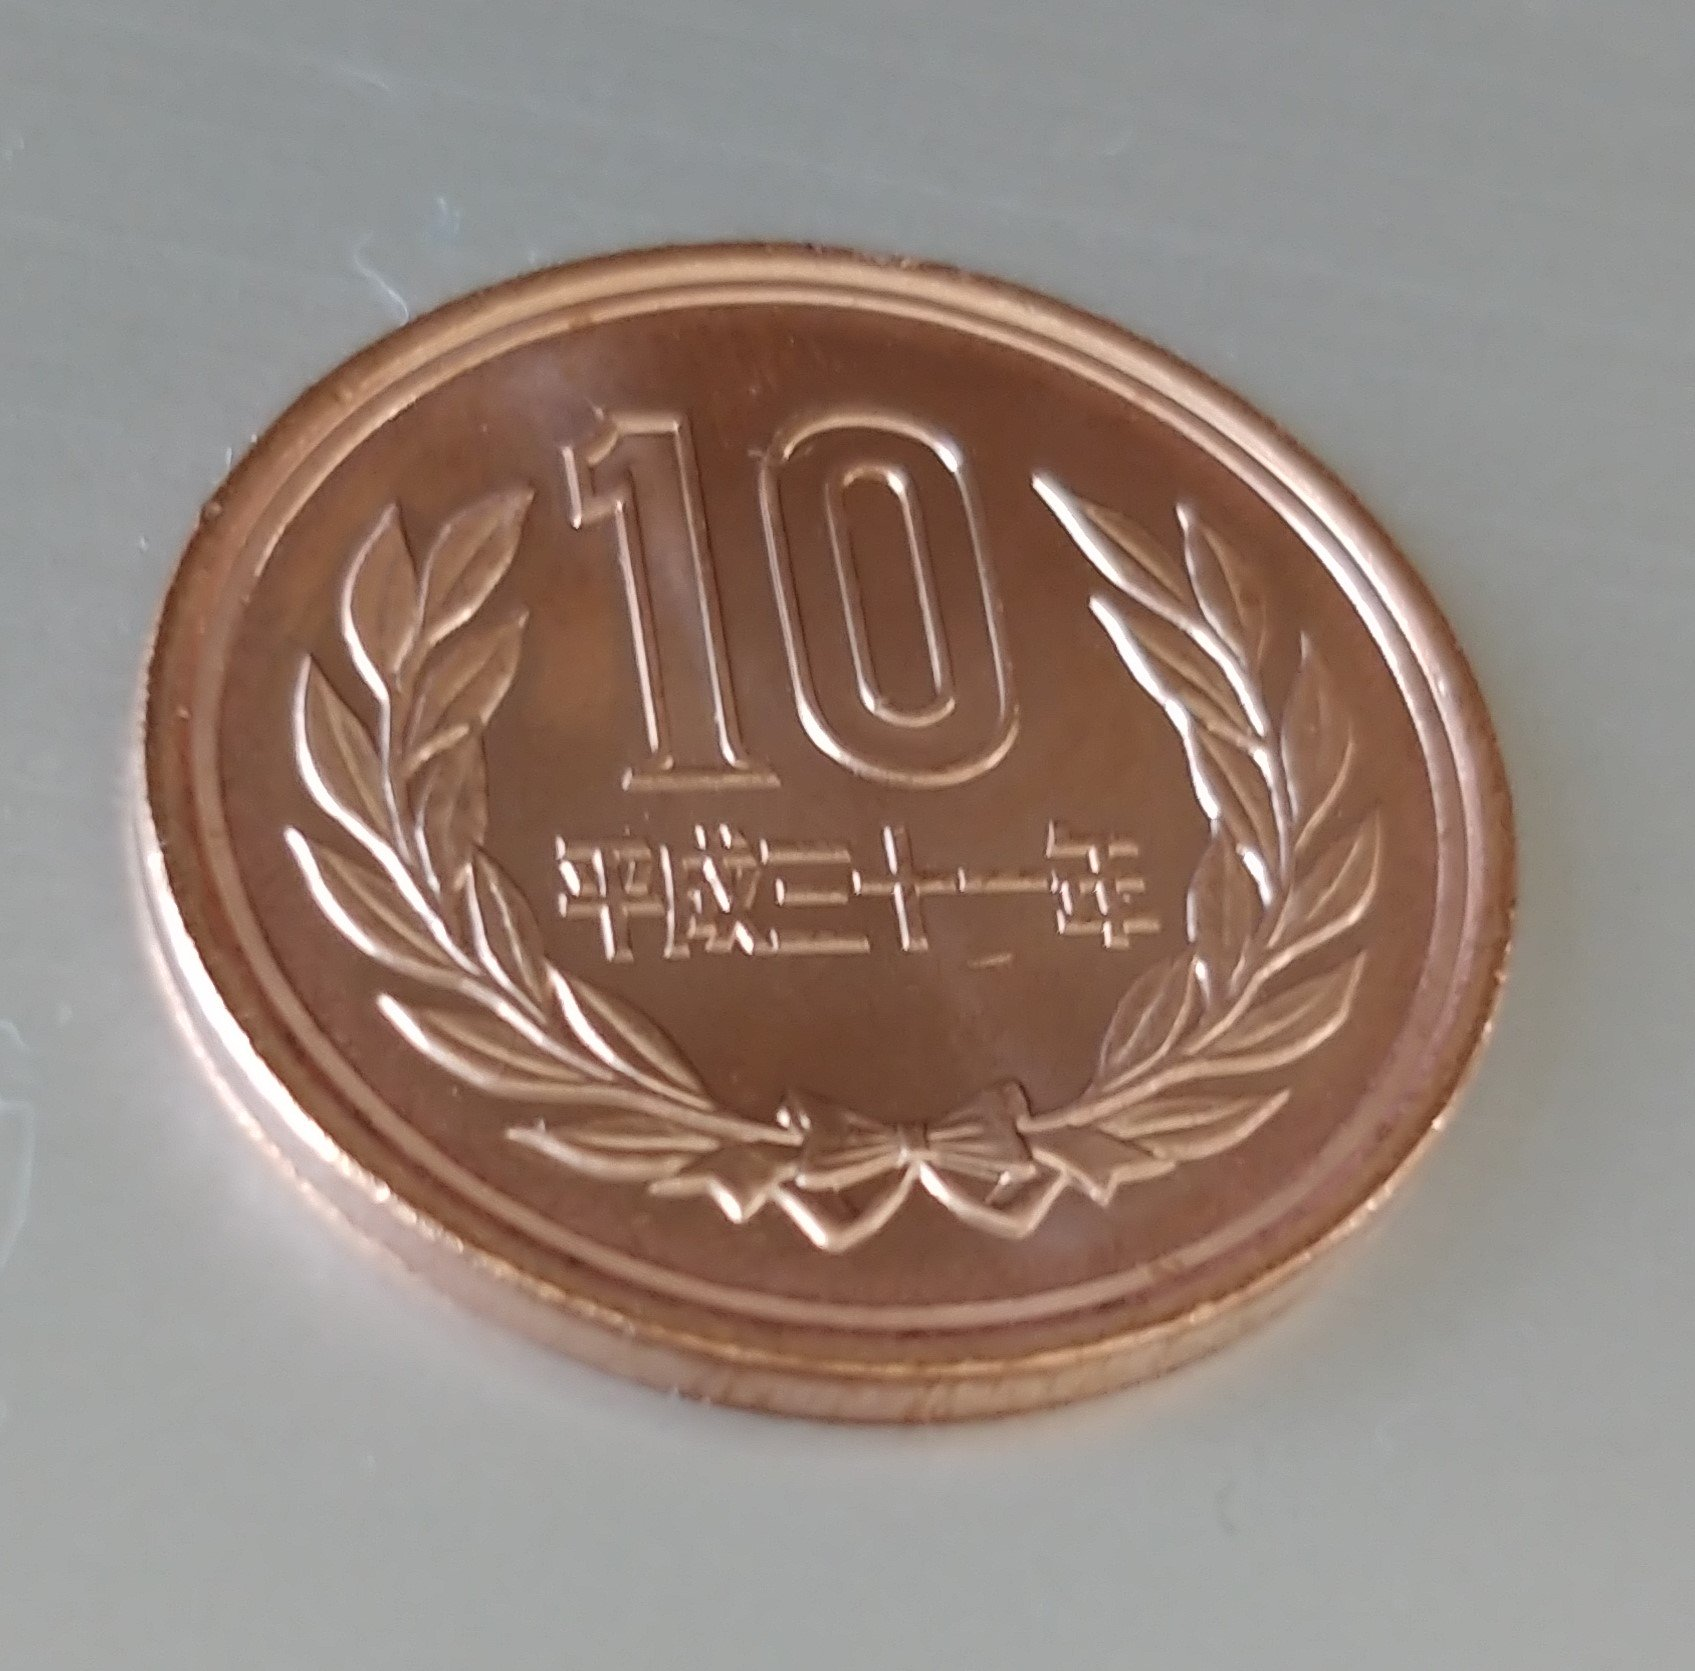 めっちゃピカピカな10円玉のお釣りを貰ったので発行年を見たら「平成31年」だった。将来的に100万円くらいの価値になると見込んで机の引き出しの奥深くに保管した。